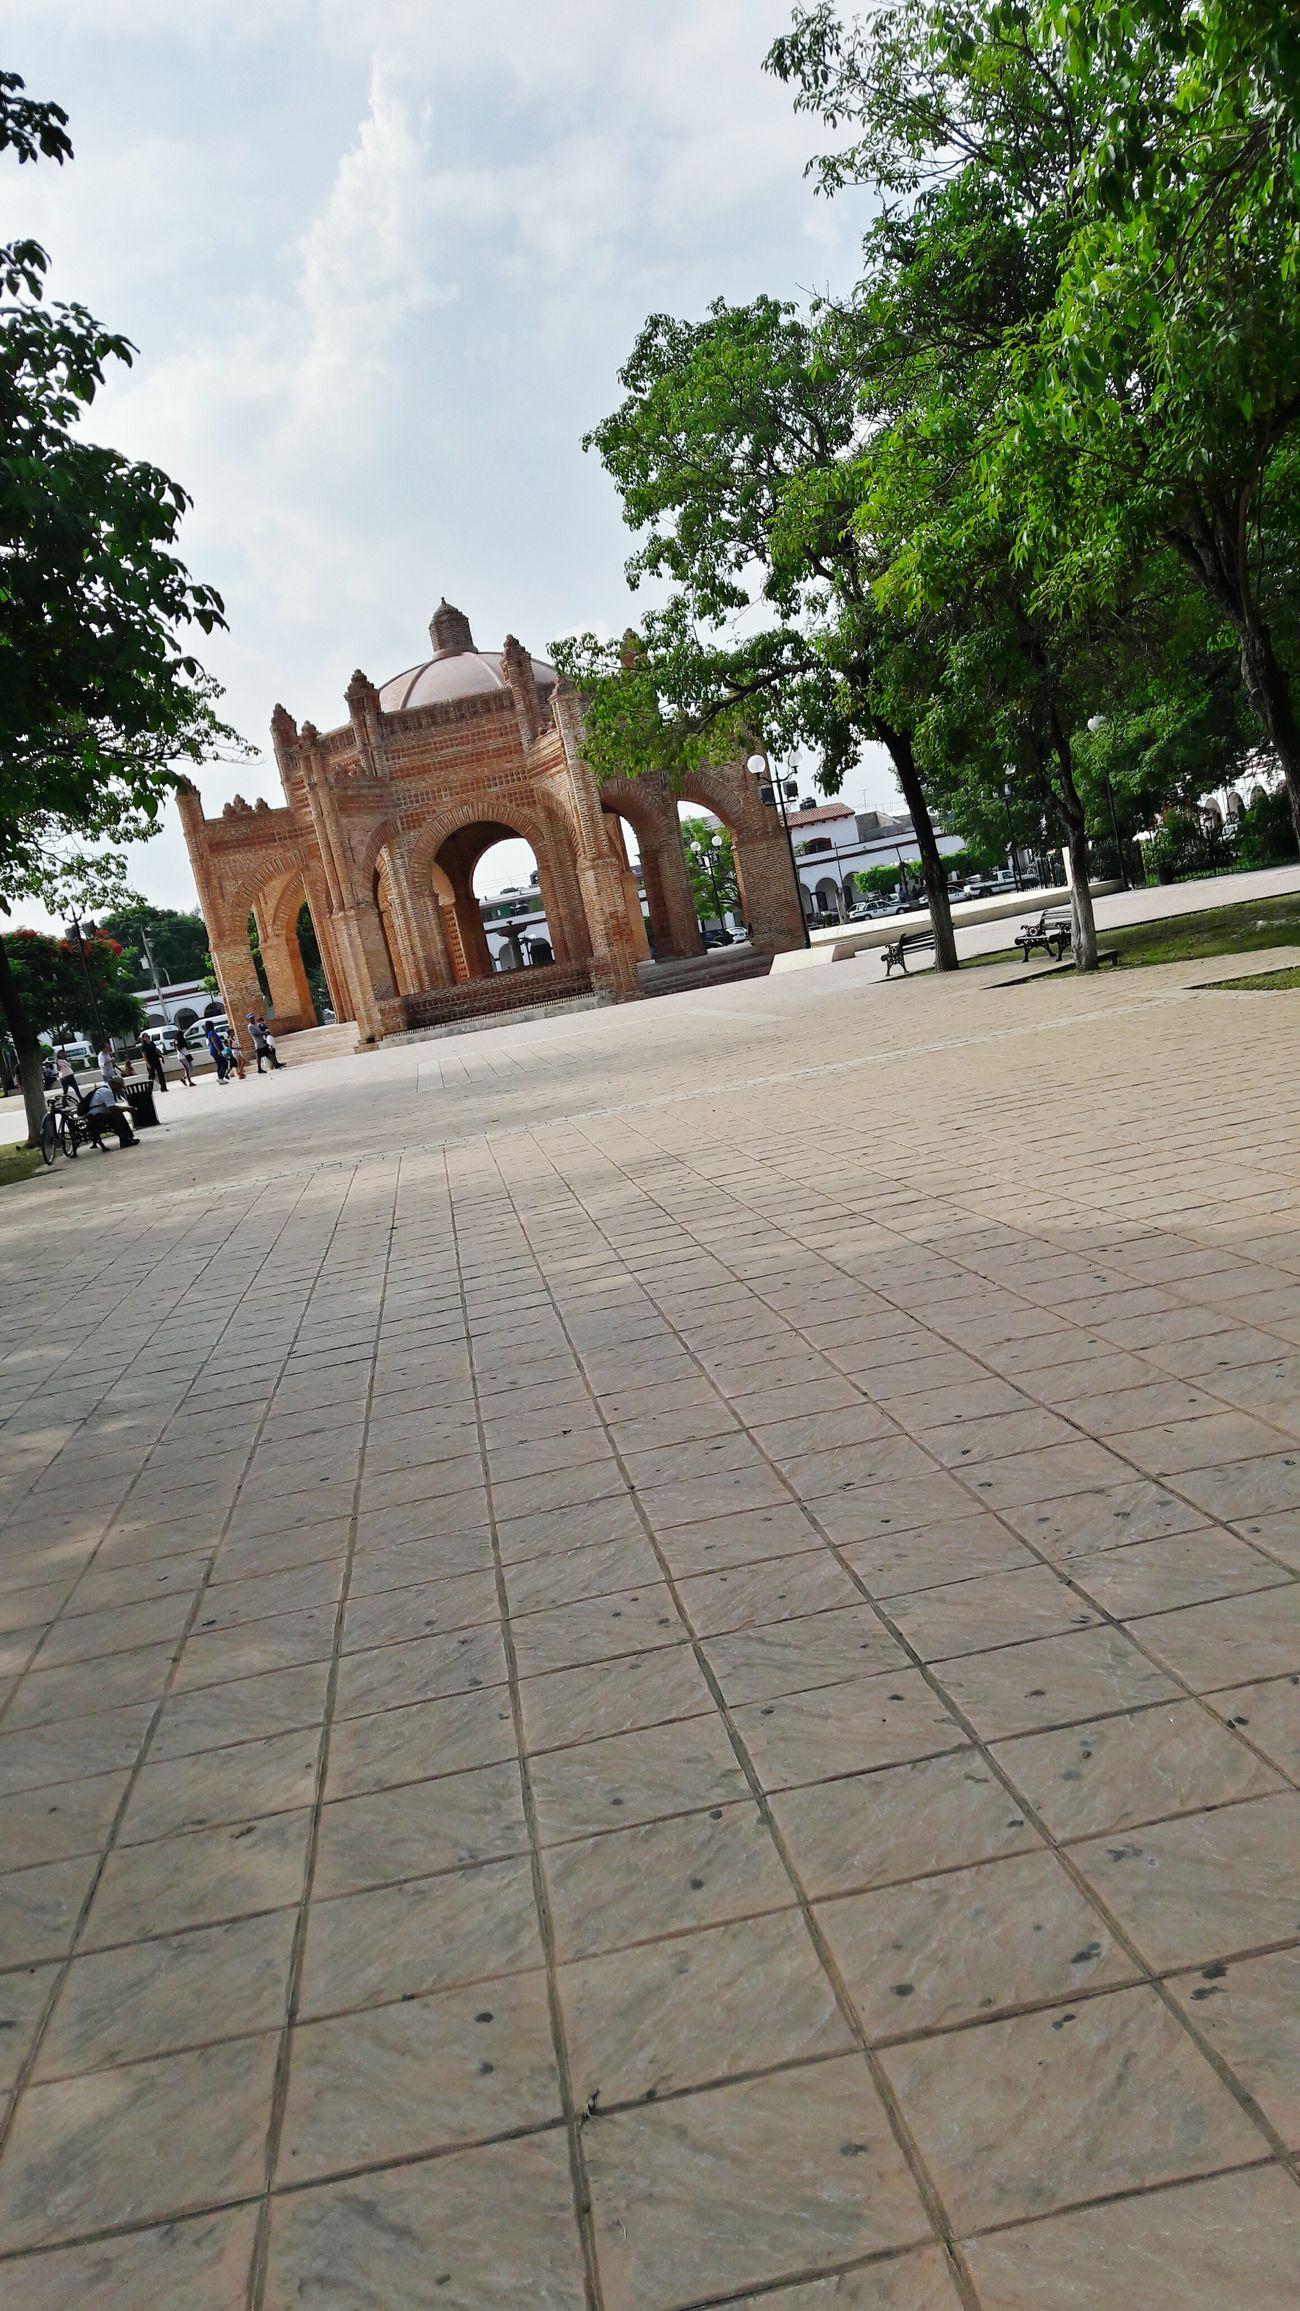 Chiapas Chiapas, México Chiapa De Corzo  Chiapasiónate Chiapasvivemexico Sky Green Green Color Park Parque  Cielo Verde Colorverde